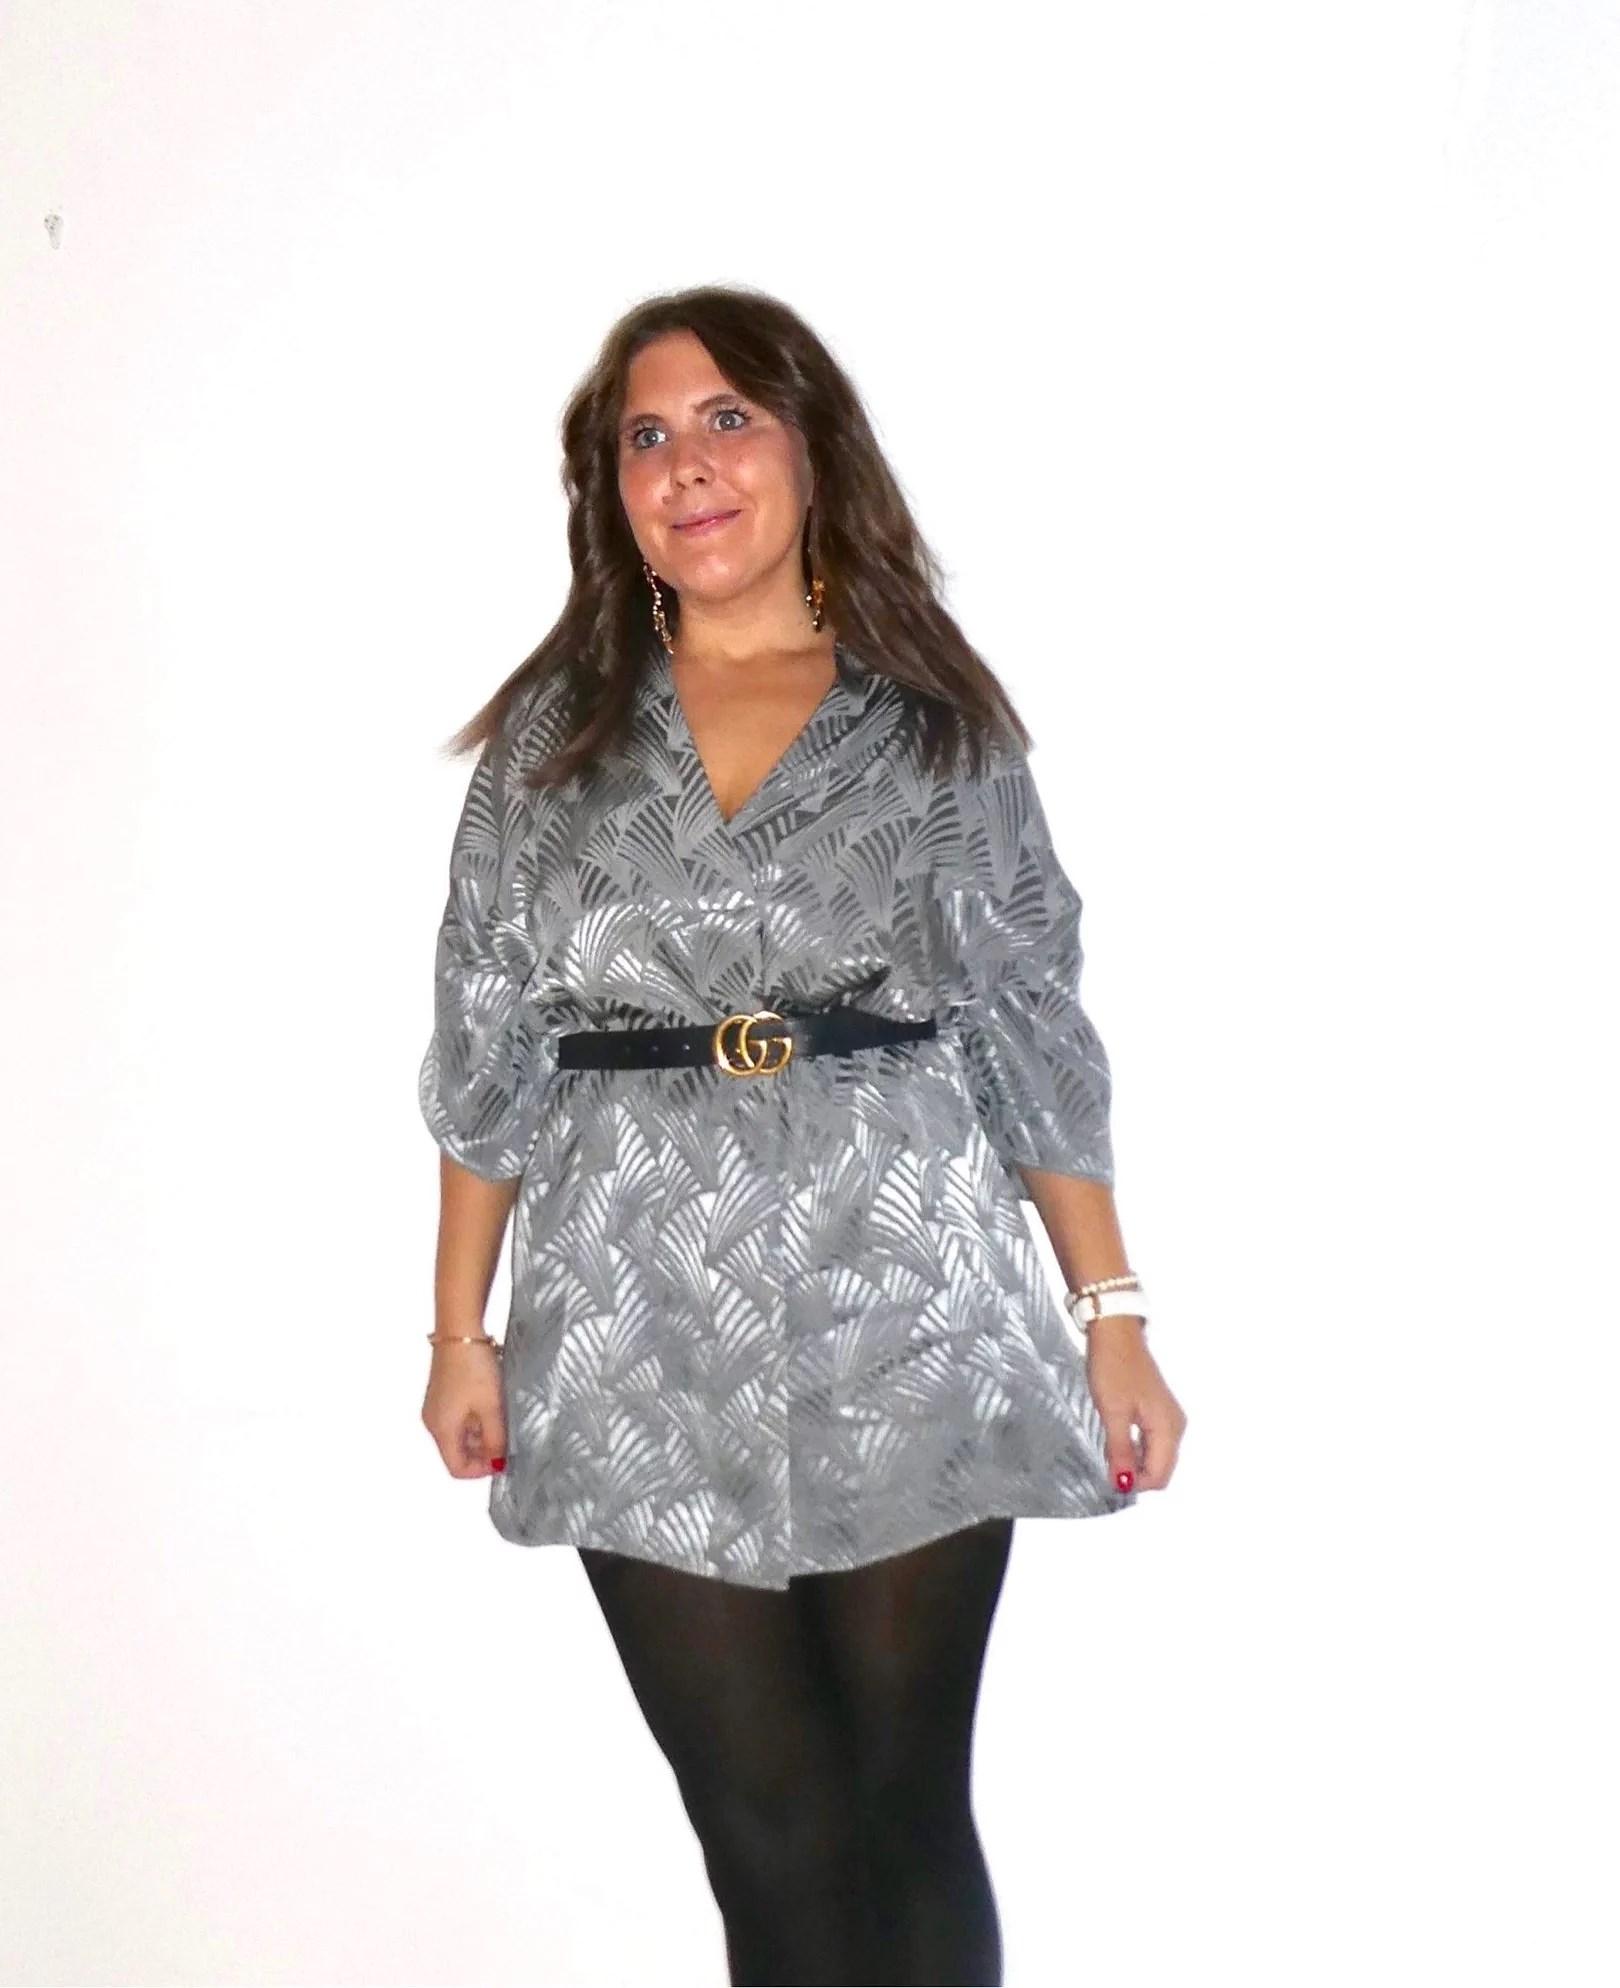 Vilken styling tycker ni är snyggast?